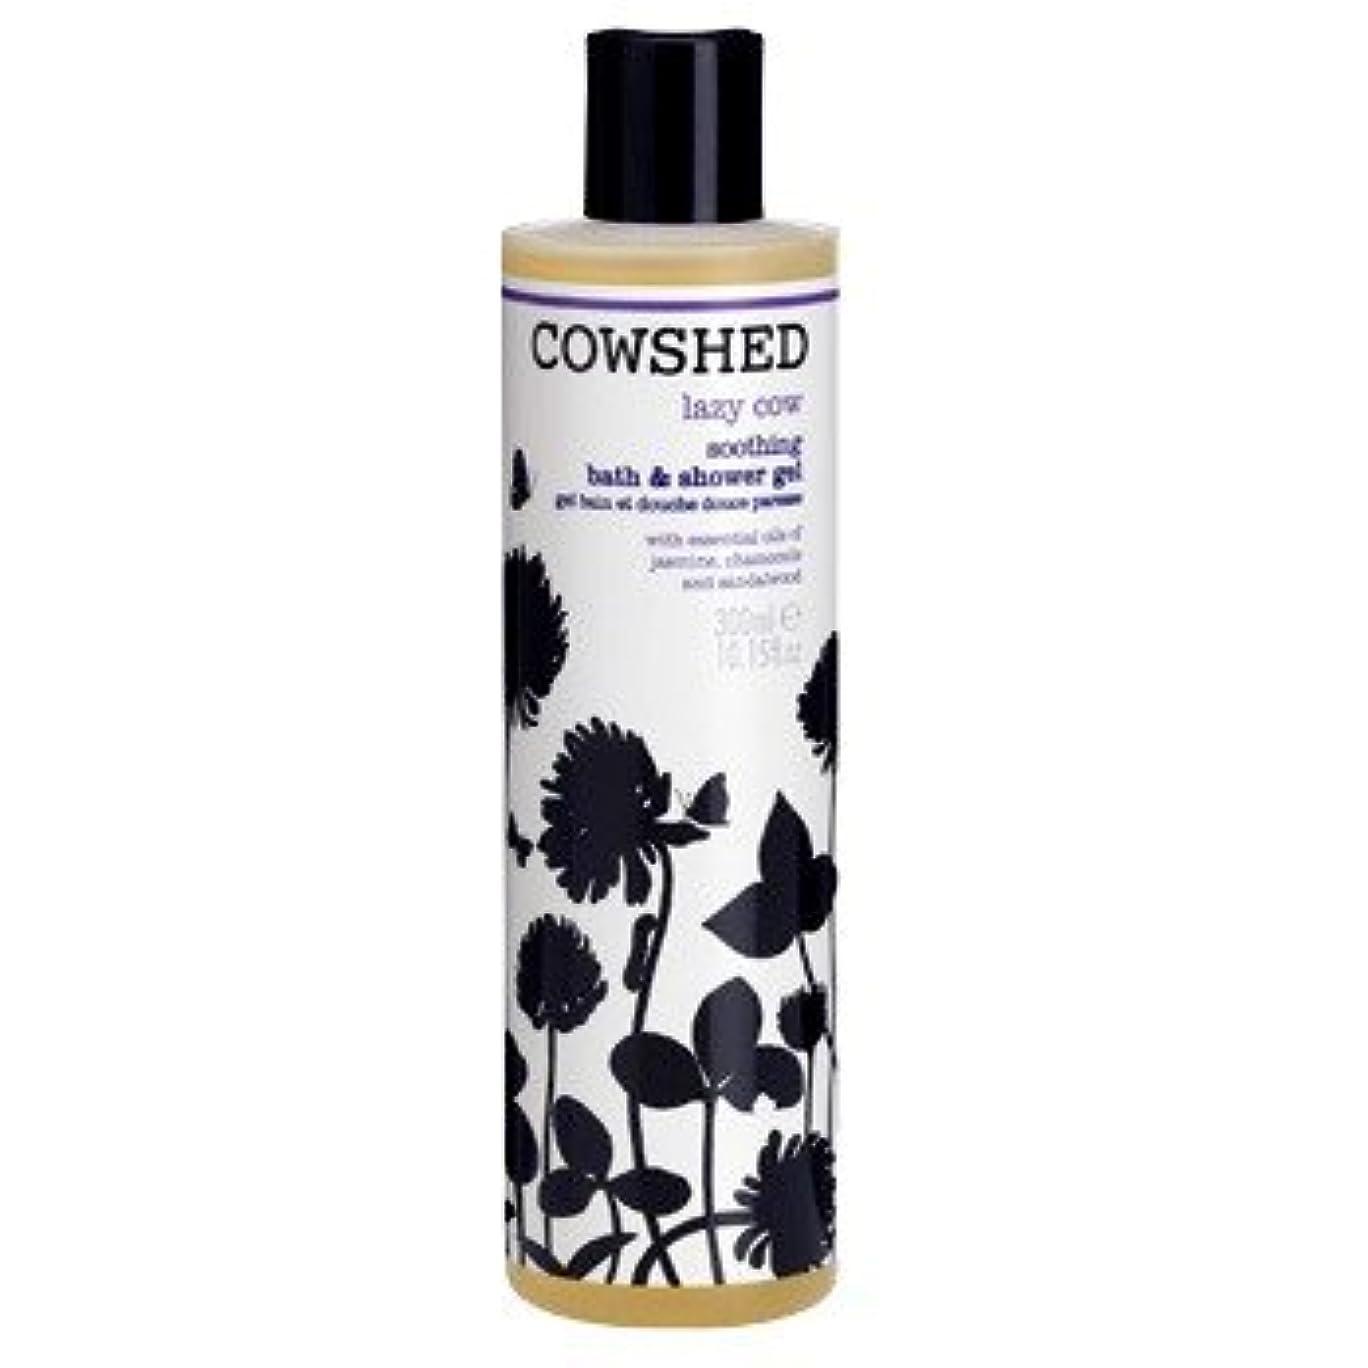 最終的にテレビを見る推測牛舎怠惰な牛心地よいバス&シャワージェル300ミリリットル (Cowshed) - Cowshed Lazy Cow Soothing Bath & Shower Gel 300ml [並行輸入品]